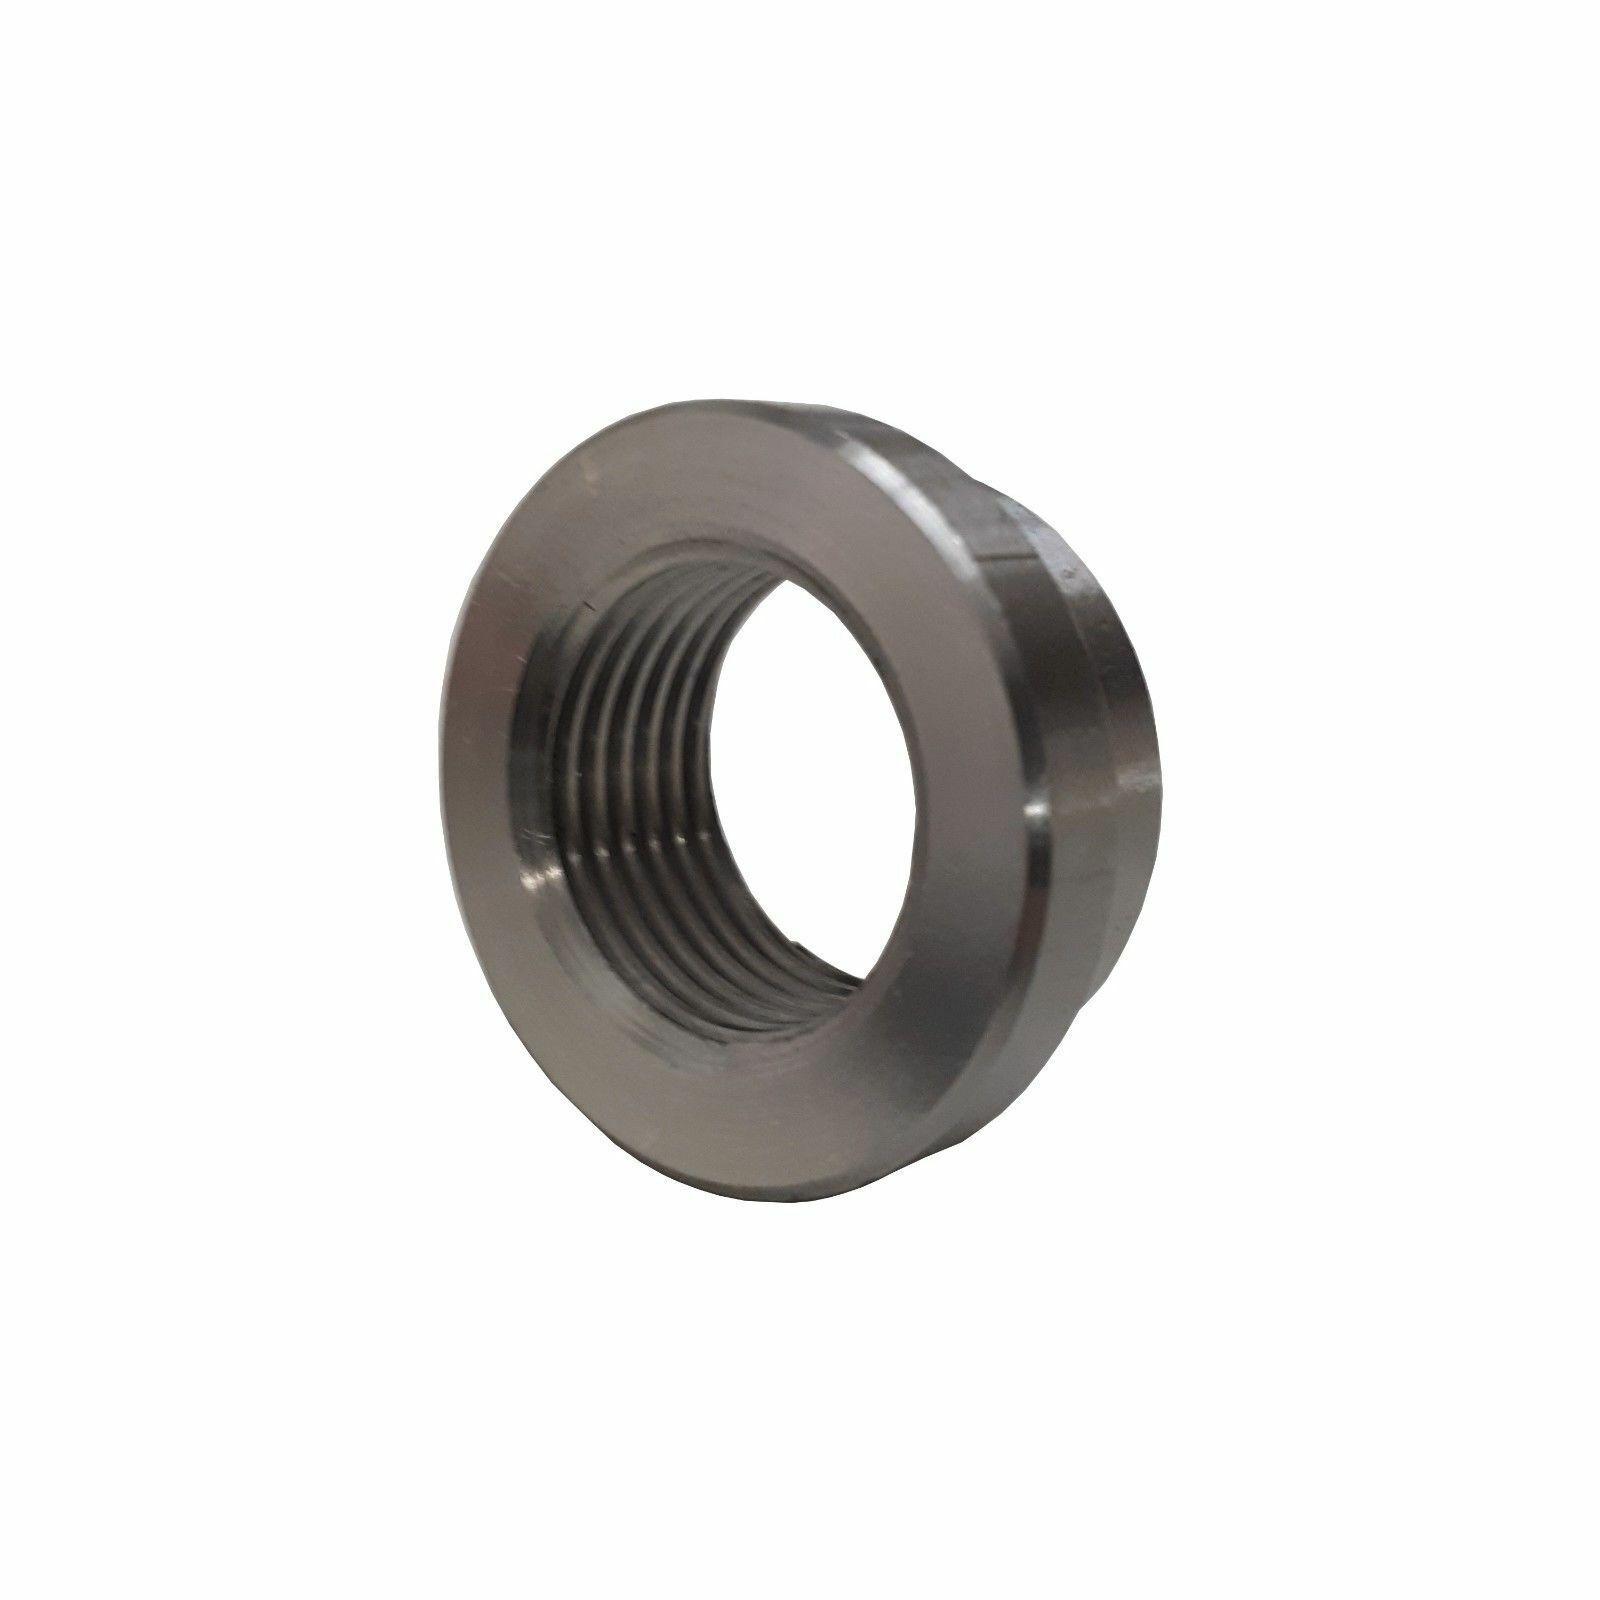 Lambdasonde Einschweißgewinde //// Gewinde Ring Lambda Sonde Universal M18 x 1,5